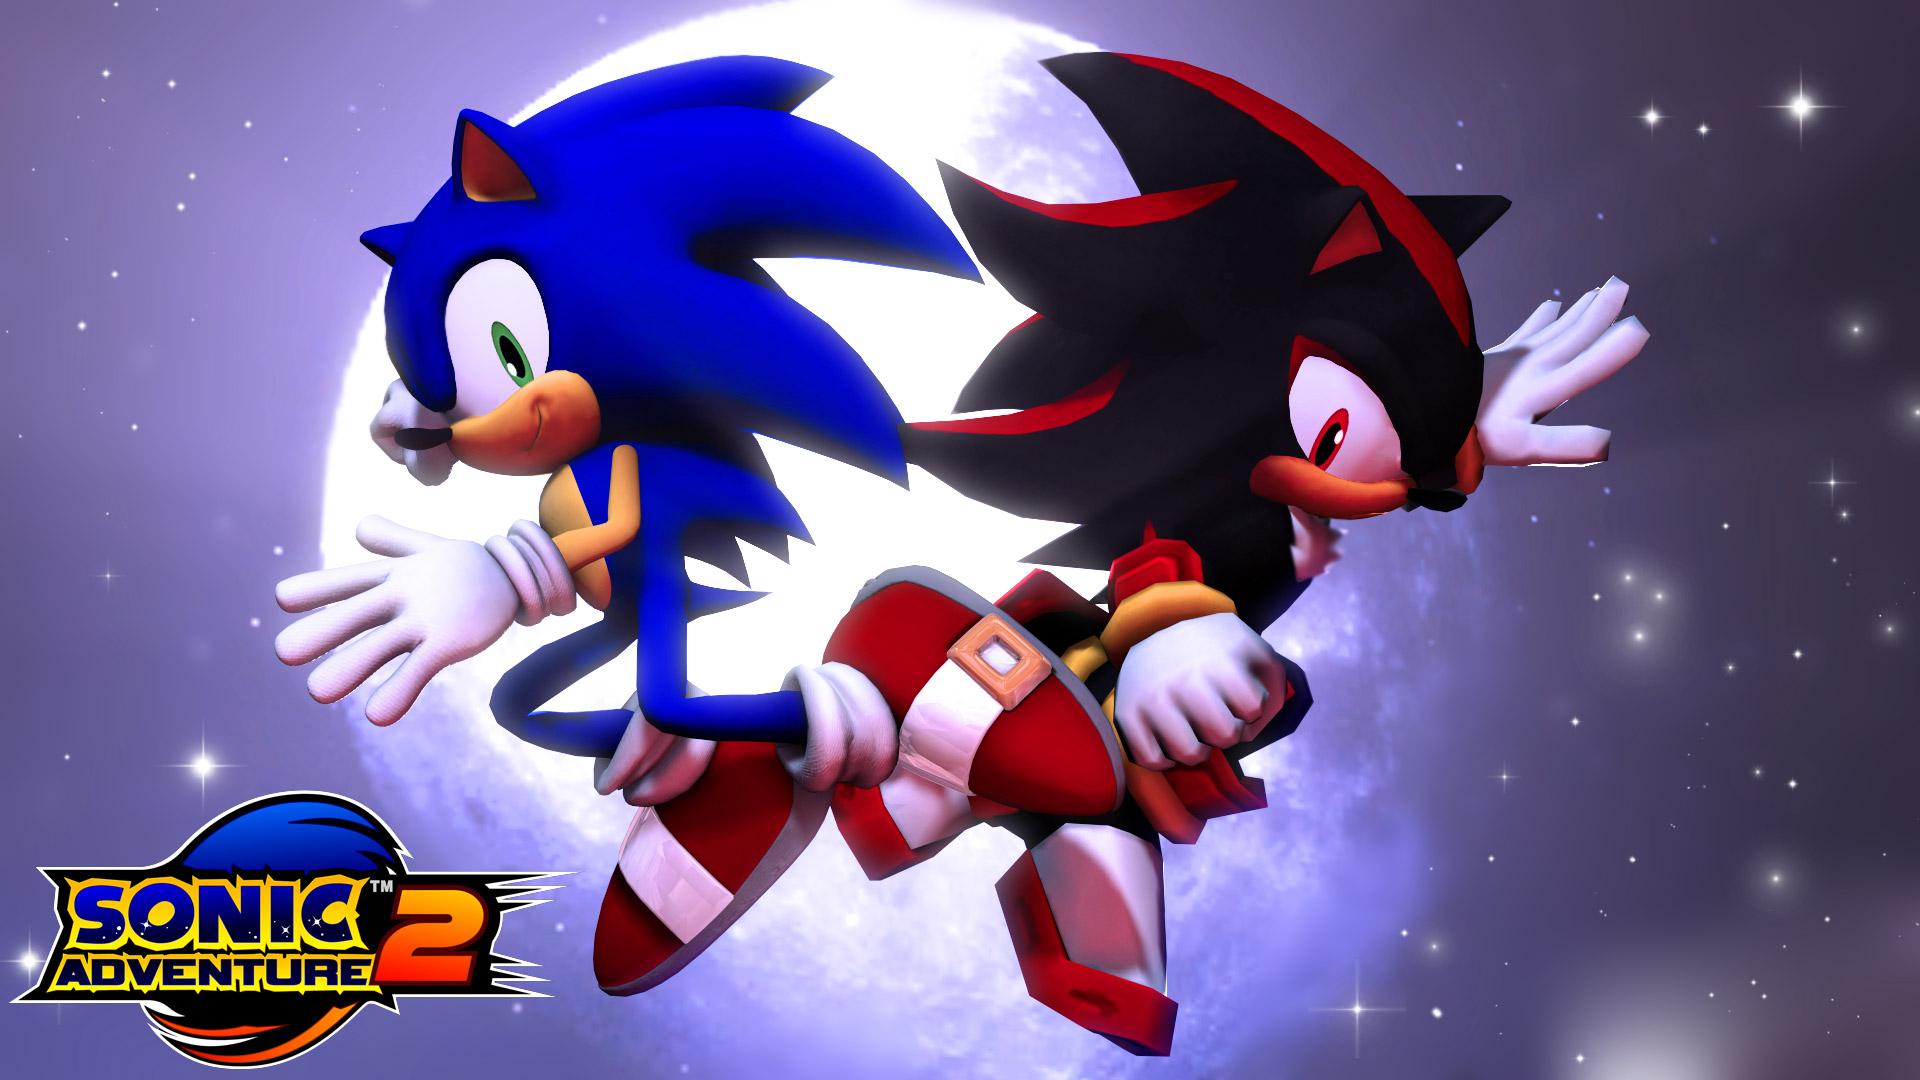 Sonic Adventure 2 Wallpaper in 1920x1080